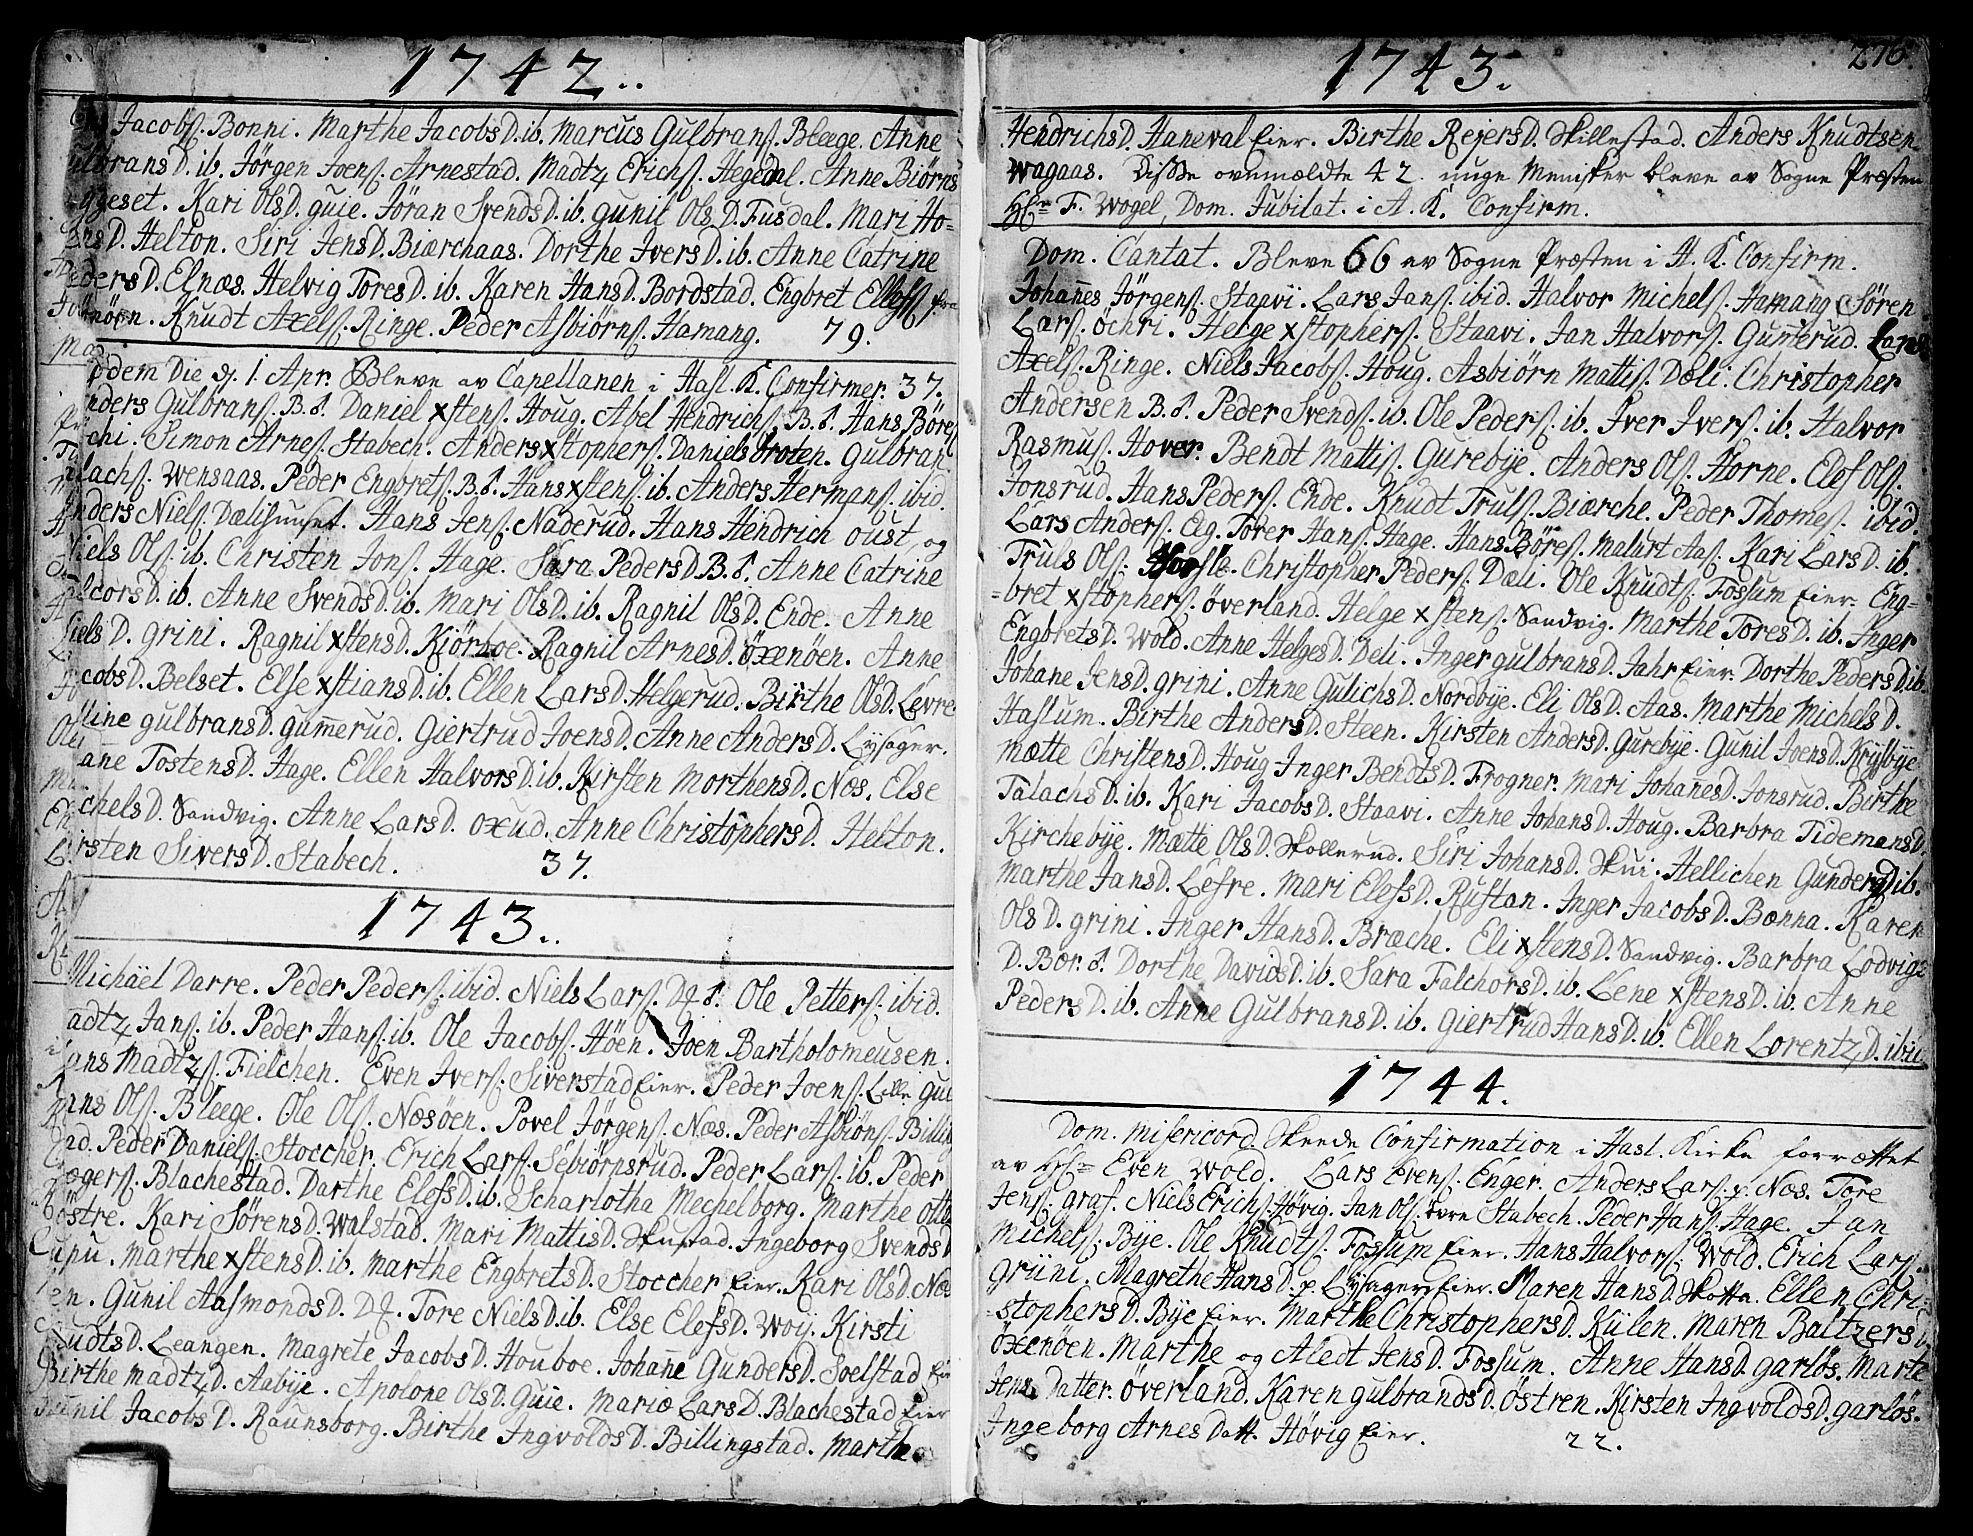 SAO, Asker prestekontor Kirkebøker, F/Fa/L0002: Ministerialbok nr. I 2, 1733-1766, s. 276